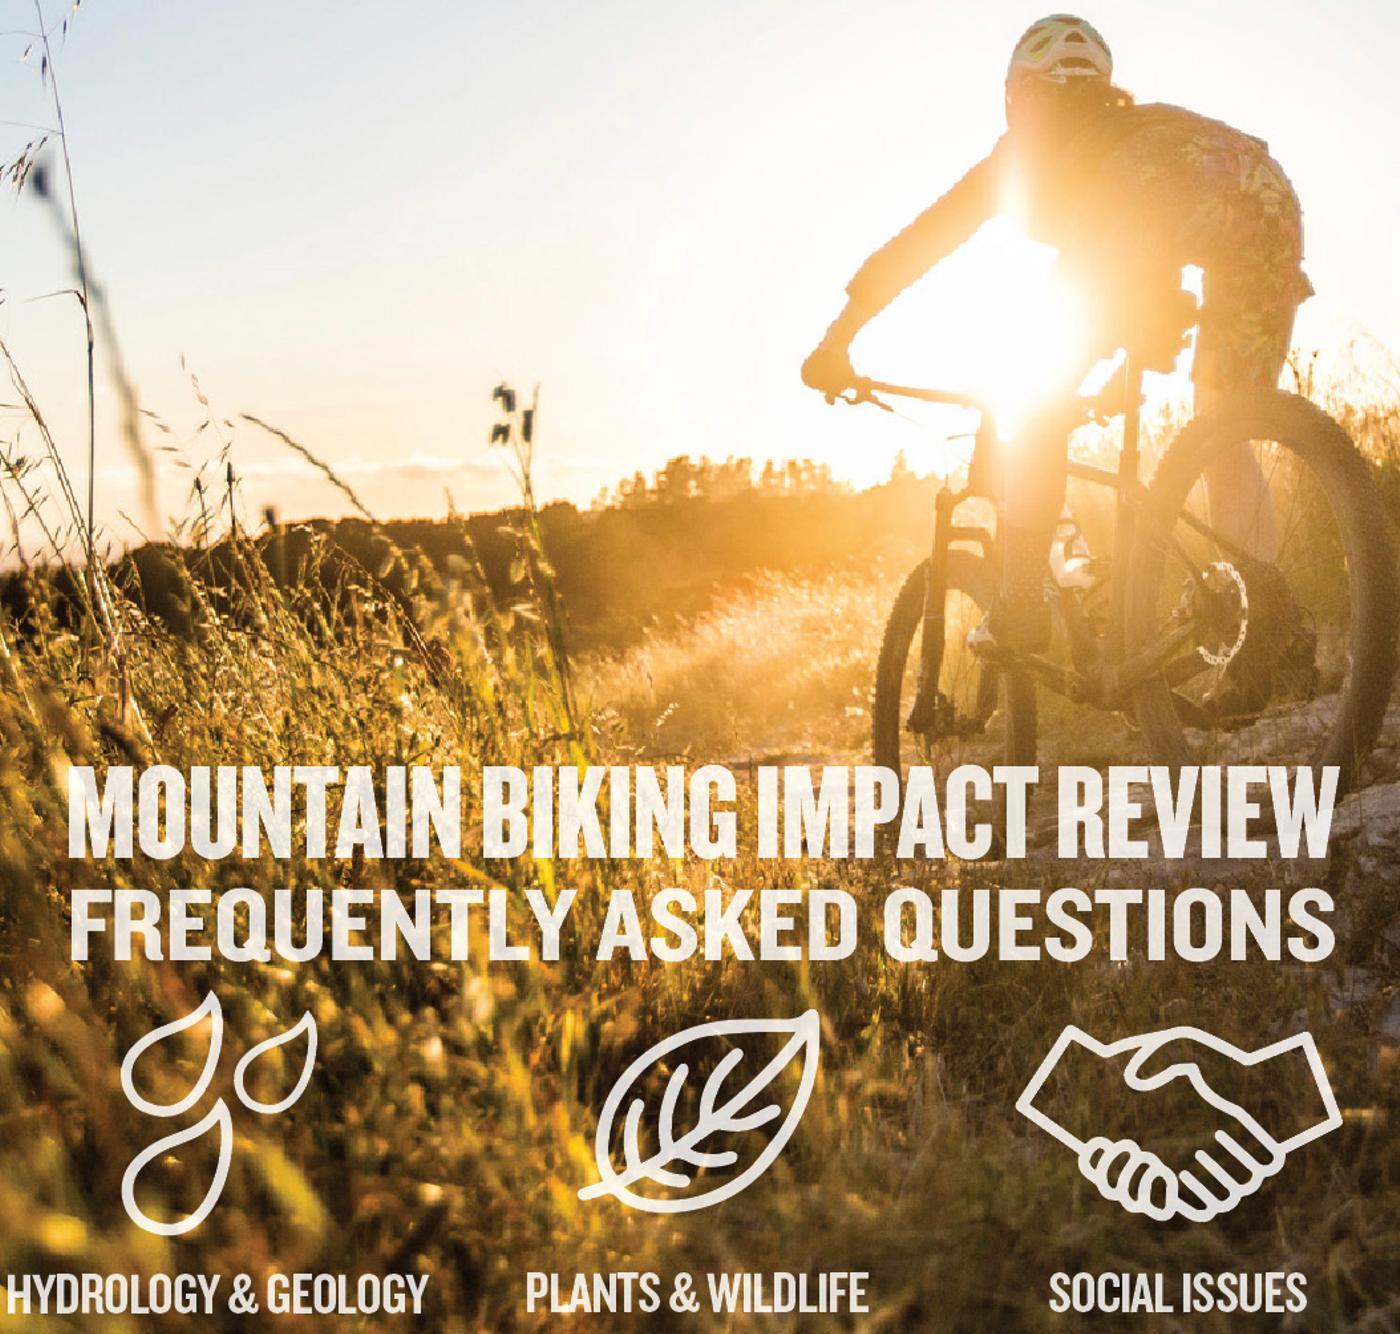 Mountain Bikers of Santa Cruz: the Mountain Biking Impact Review